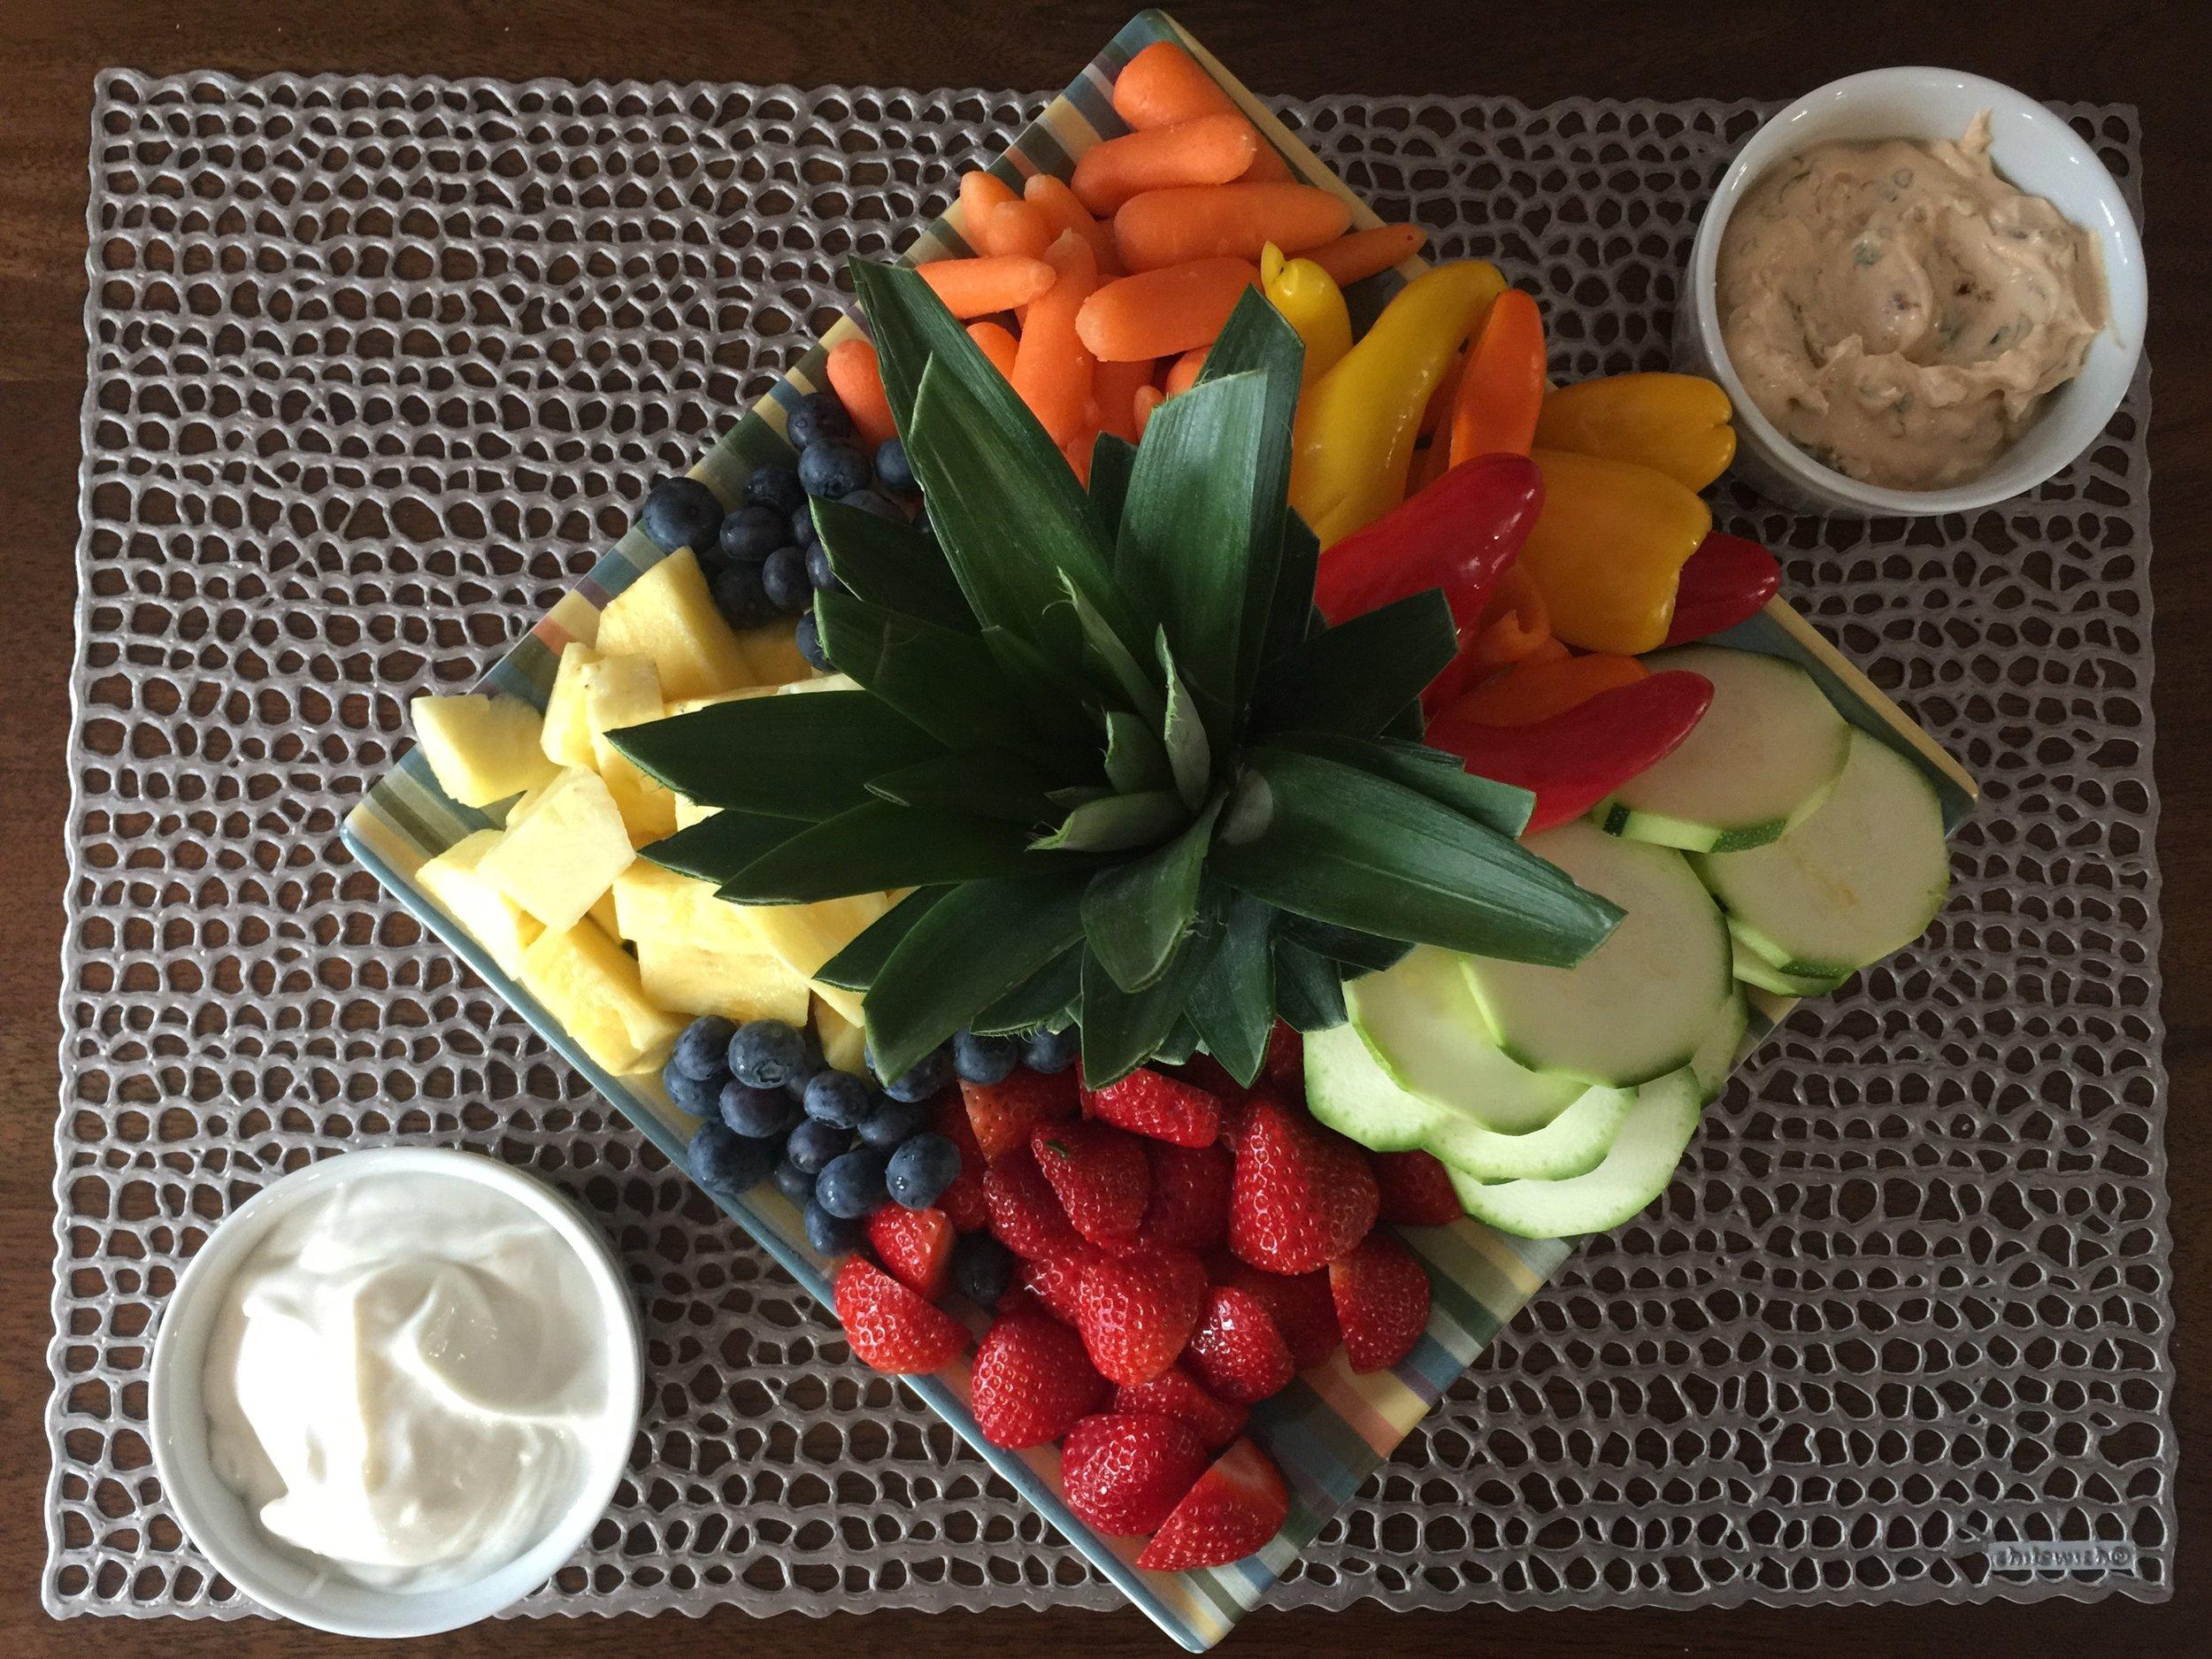 fruit-platter-2.jpg